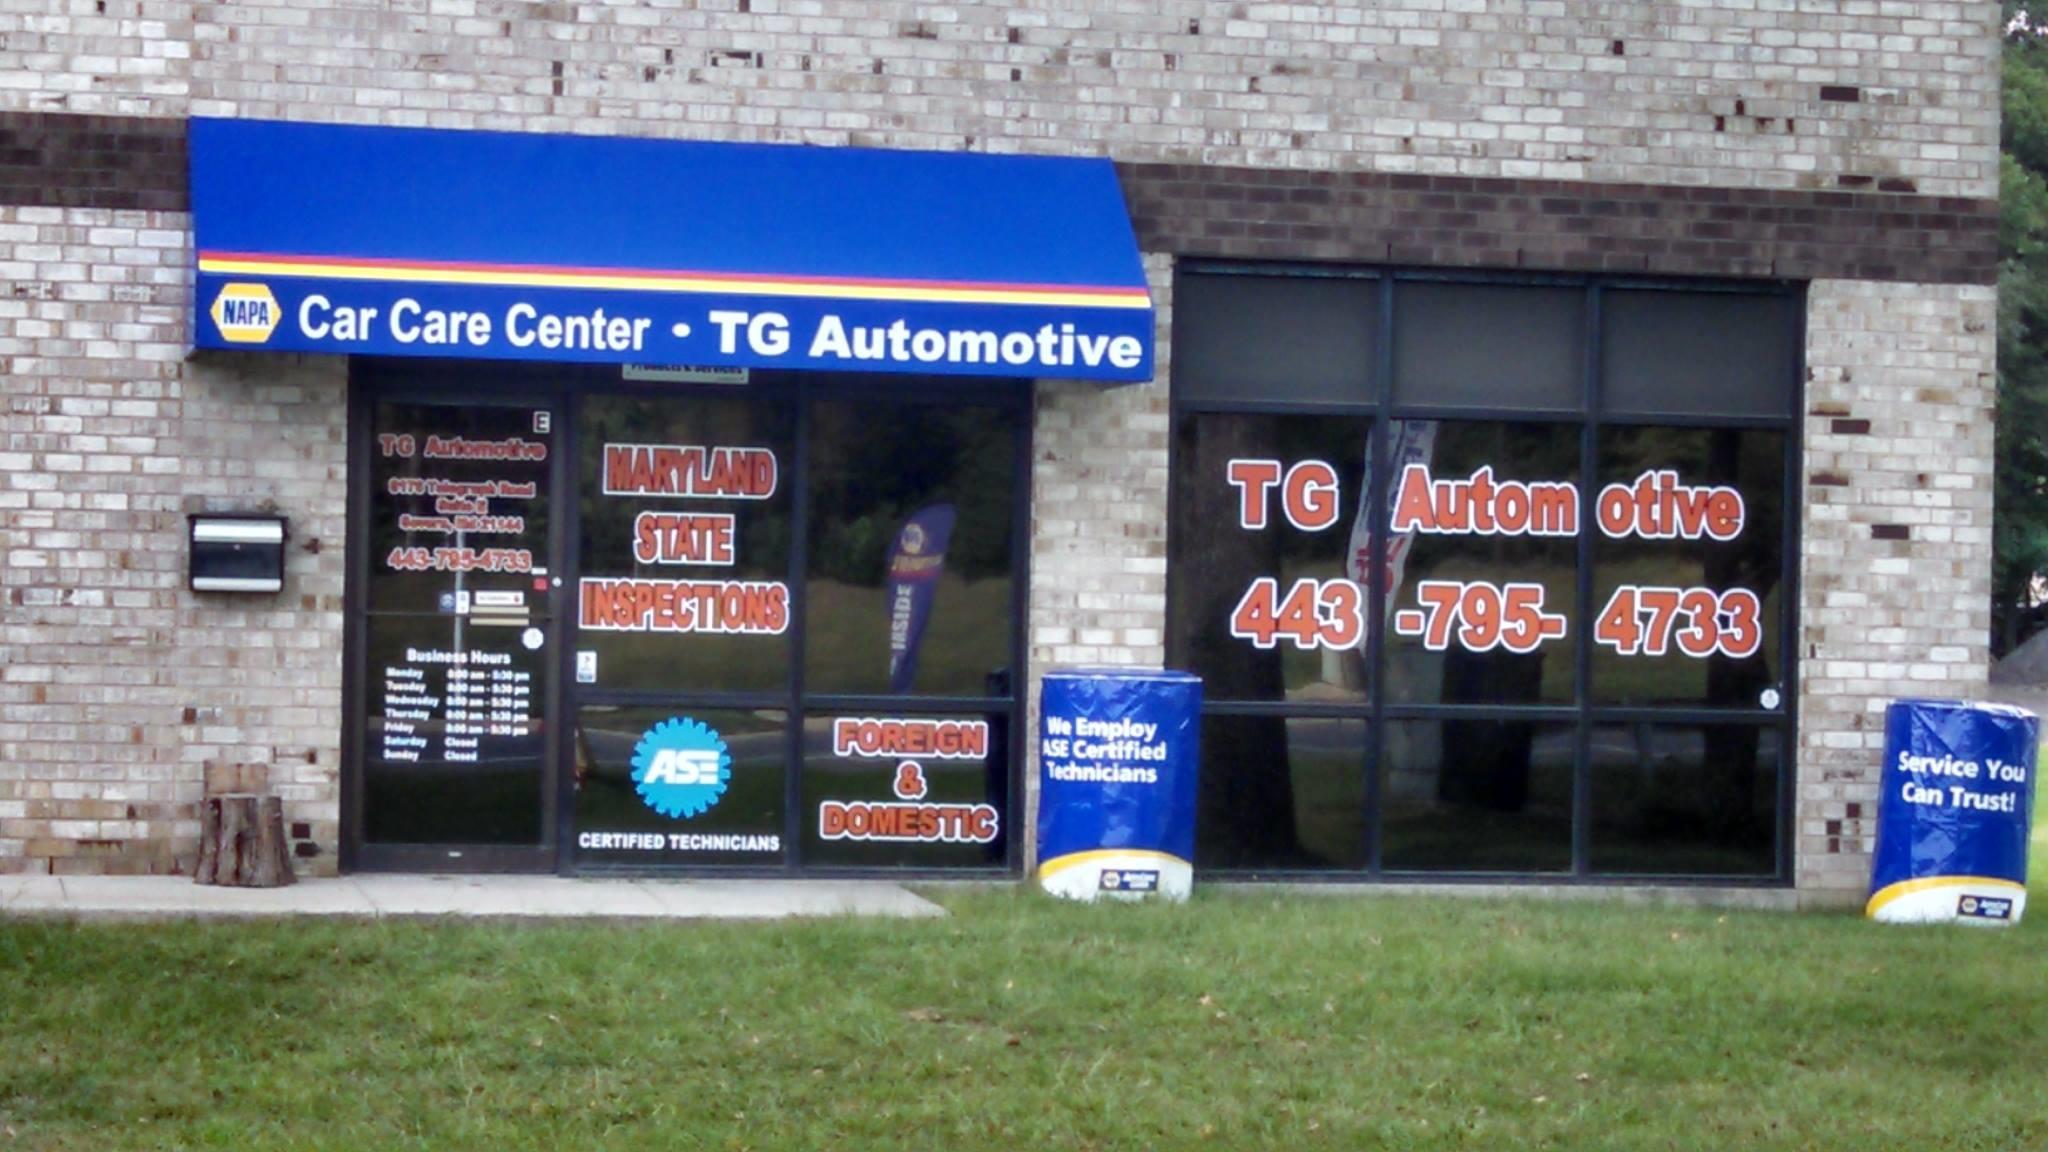 TG Automotive, Inc. image 1